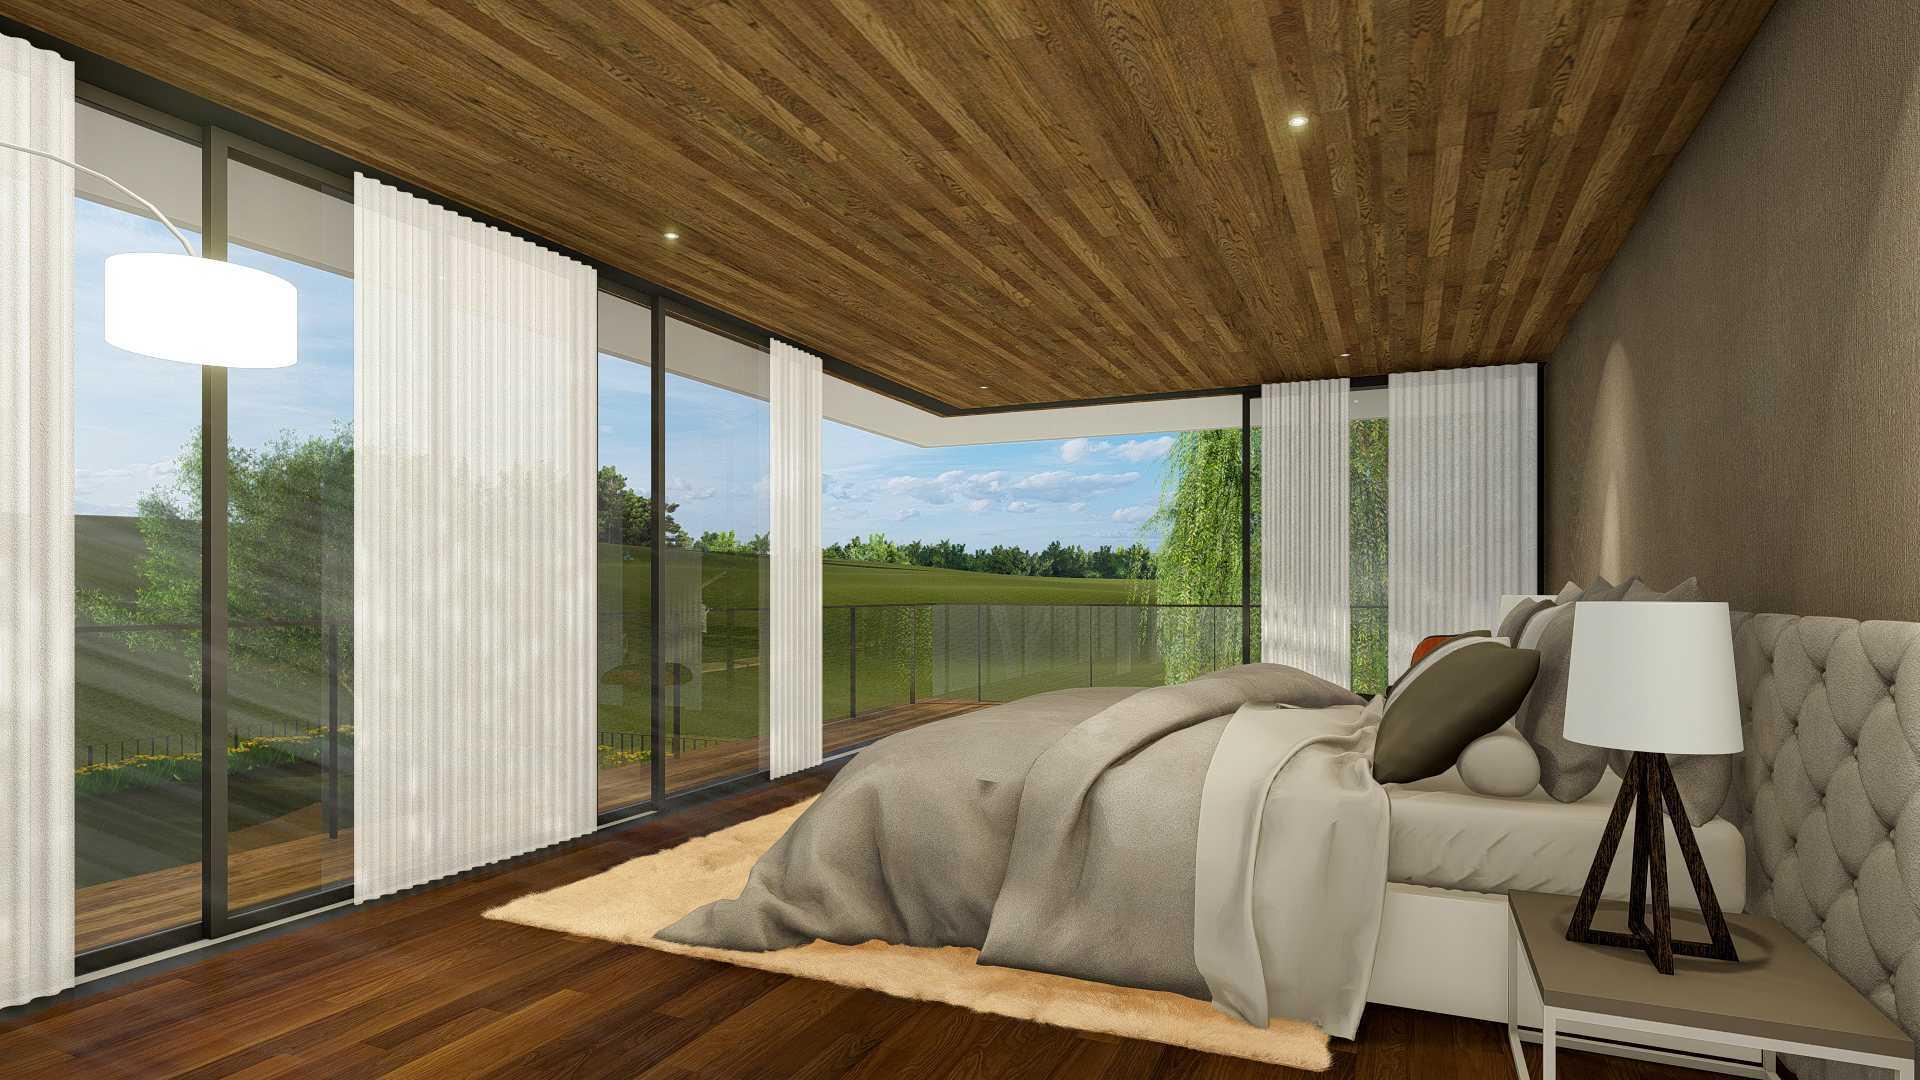 Bral Architect Alpen House In Germany 46519 Alpen, Jerman 46519 Alpen, Jerman Bral-Architect-Alpen-House-In-Germany   99891